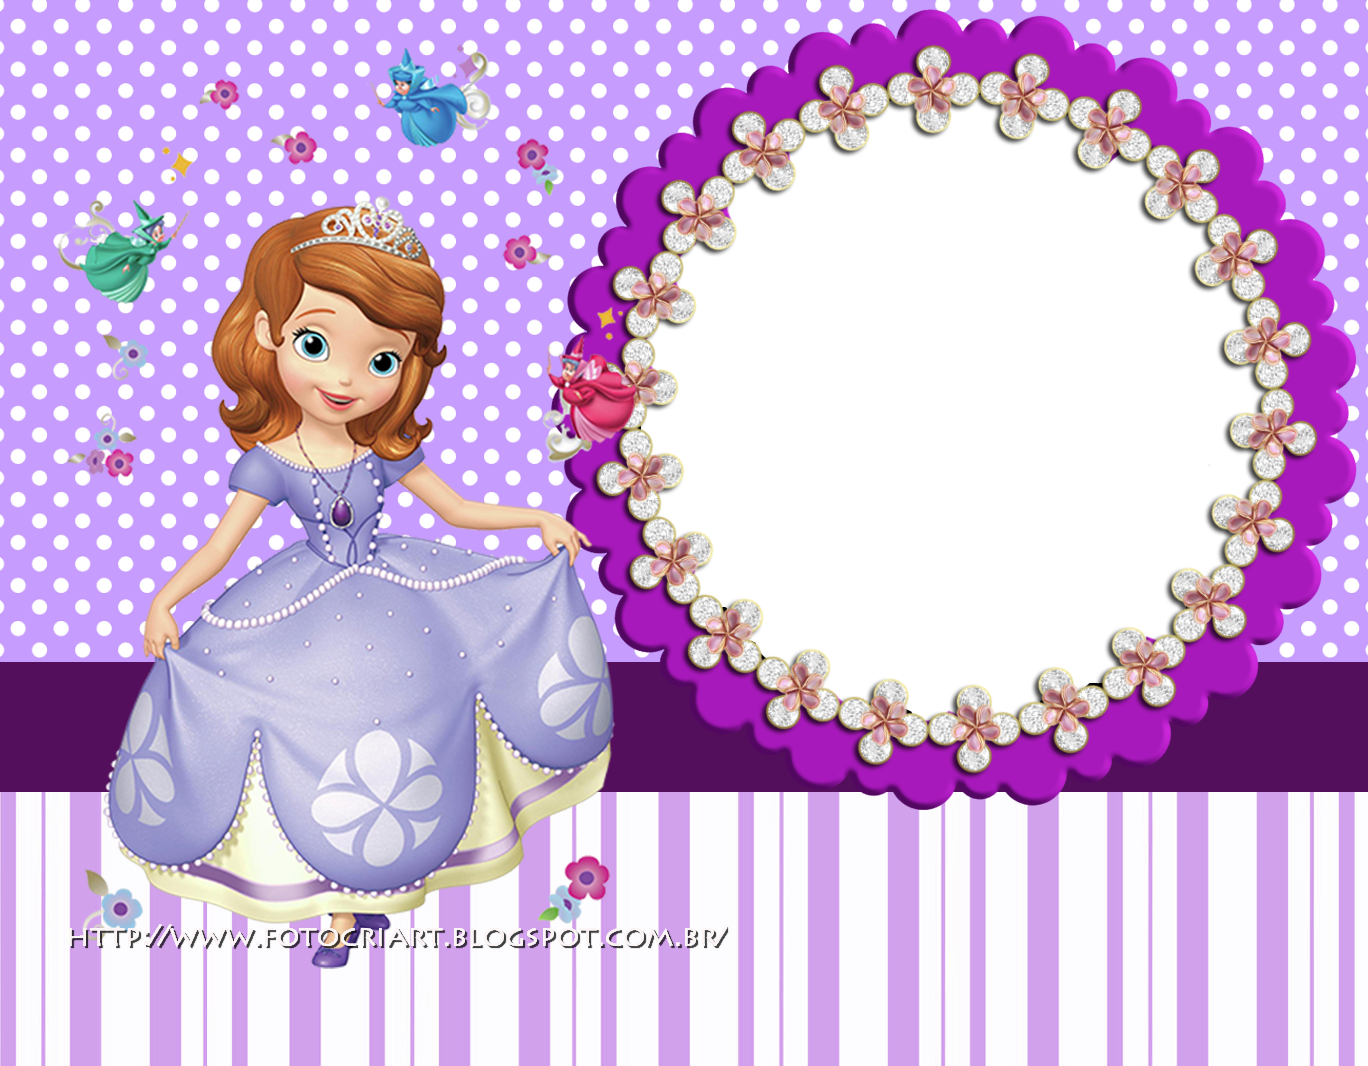 Fotocriart molduras da princesinha sofia - Foto princesa sofia ...